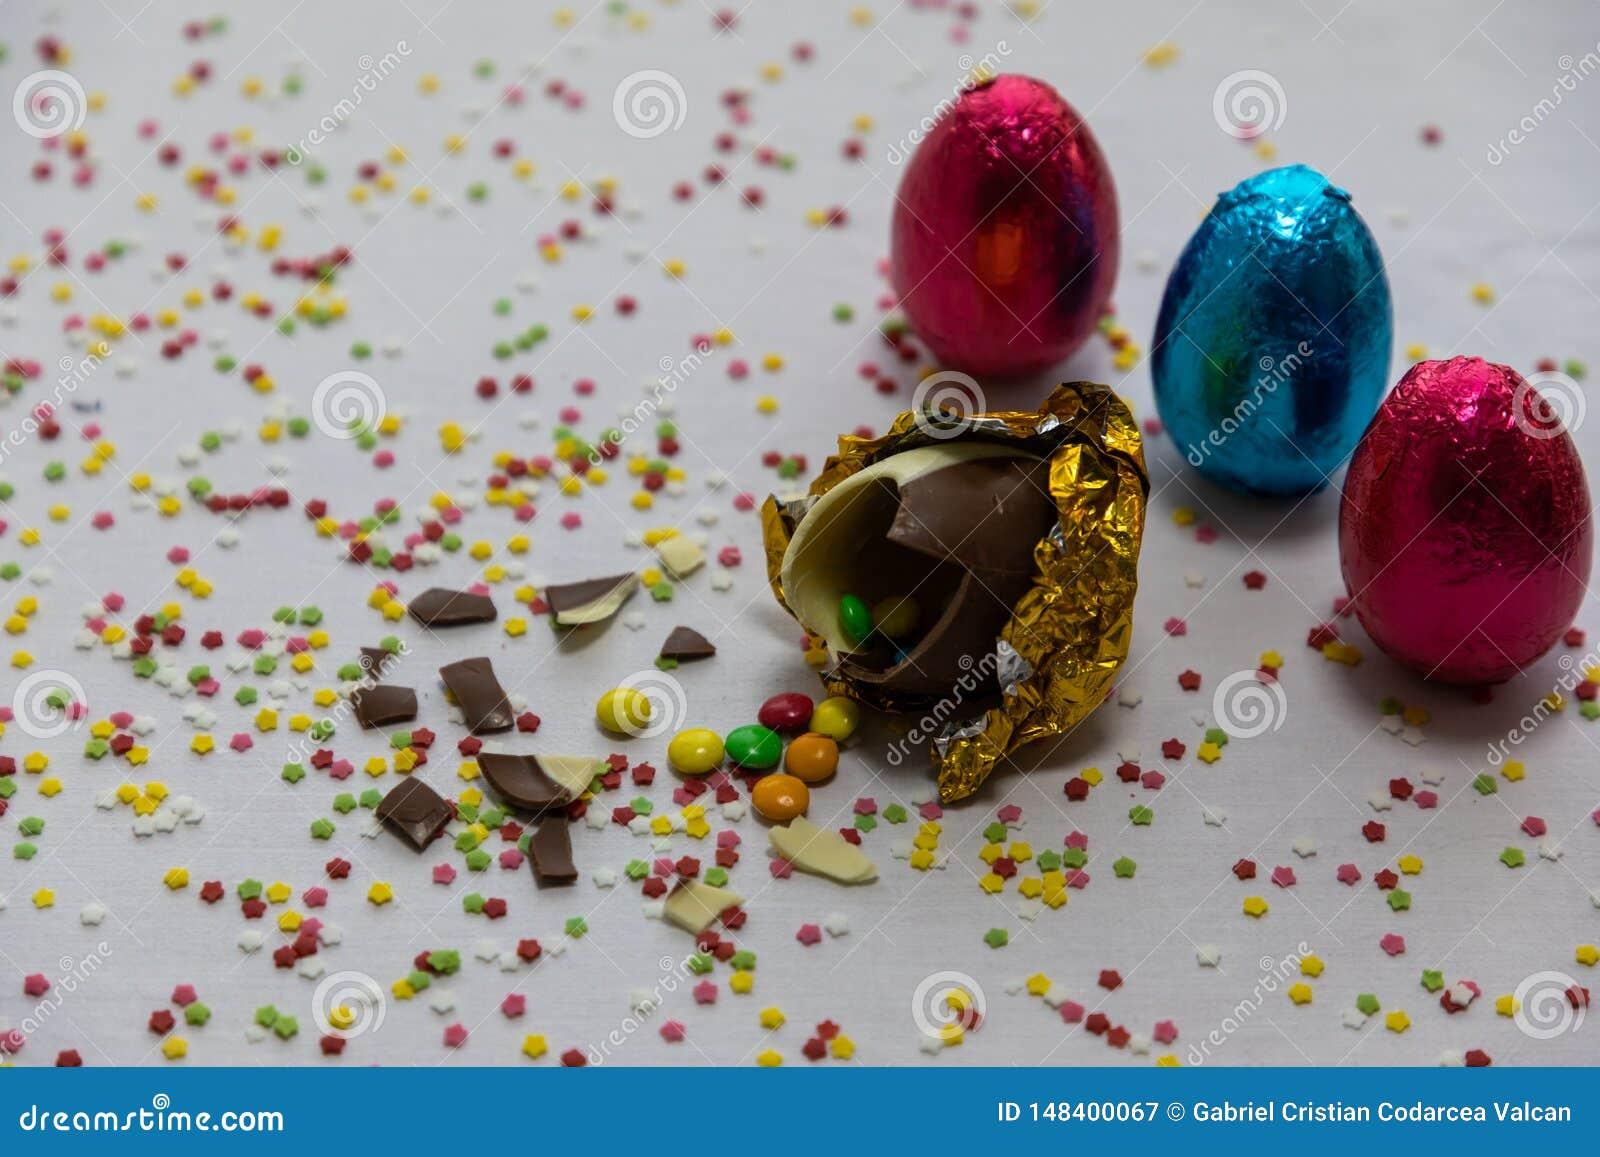 Defekte goldene SchokoladenOstereier mit bunten Schokoladen nach innen auf wei?em Hintergrund mit bunten unscharfen Konfettis und